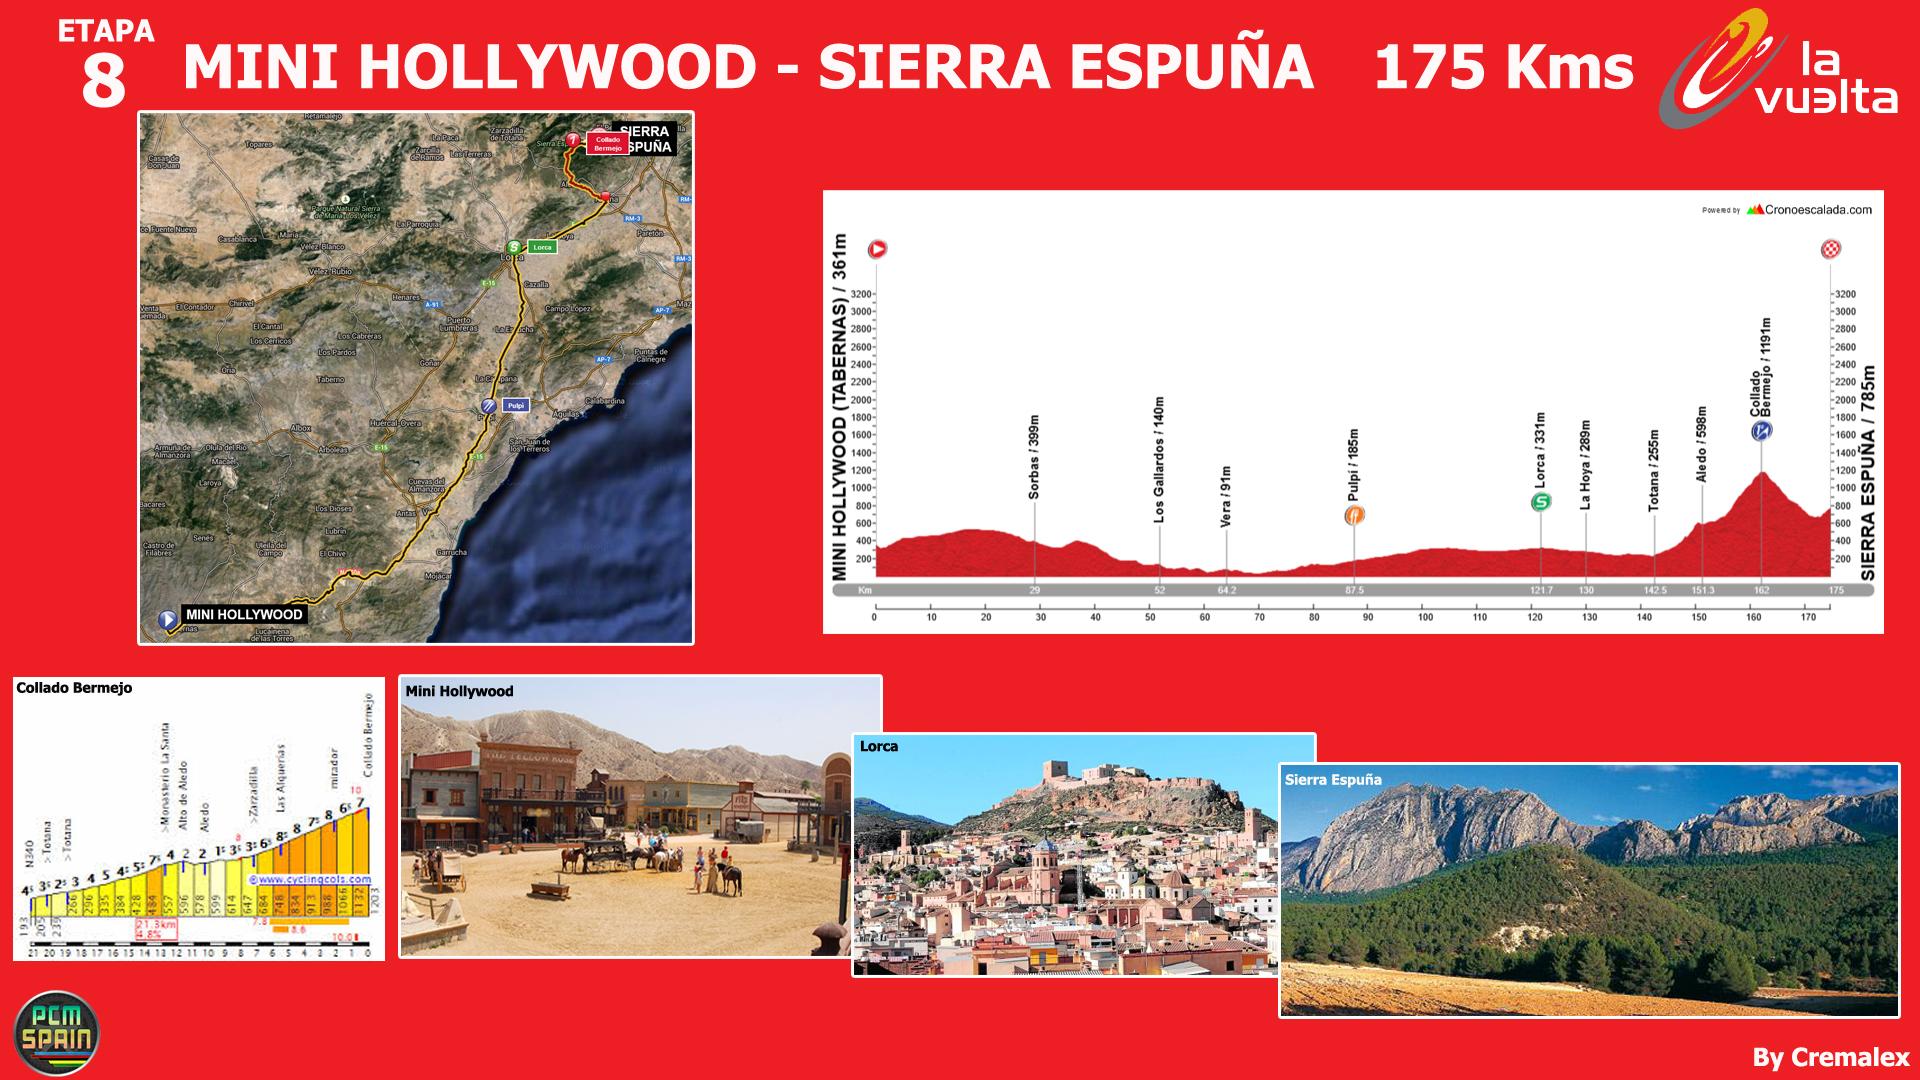 Concurso Vuelta a España 2015 - Página 6 571460Etapas08